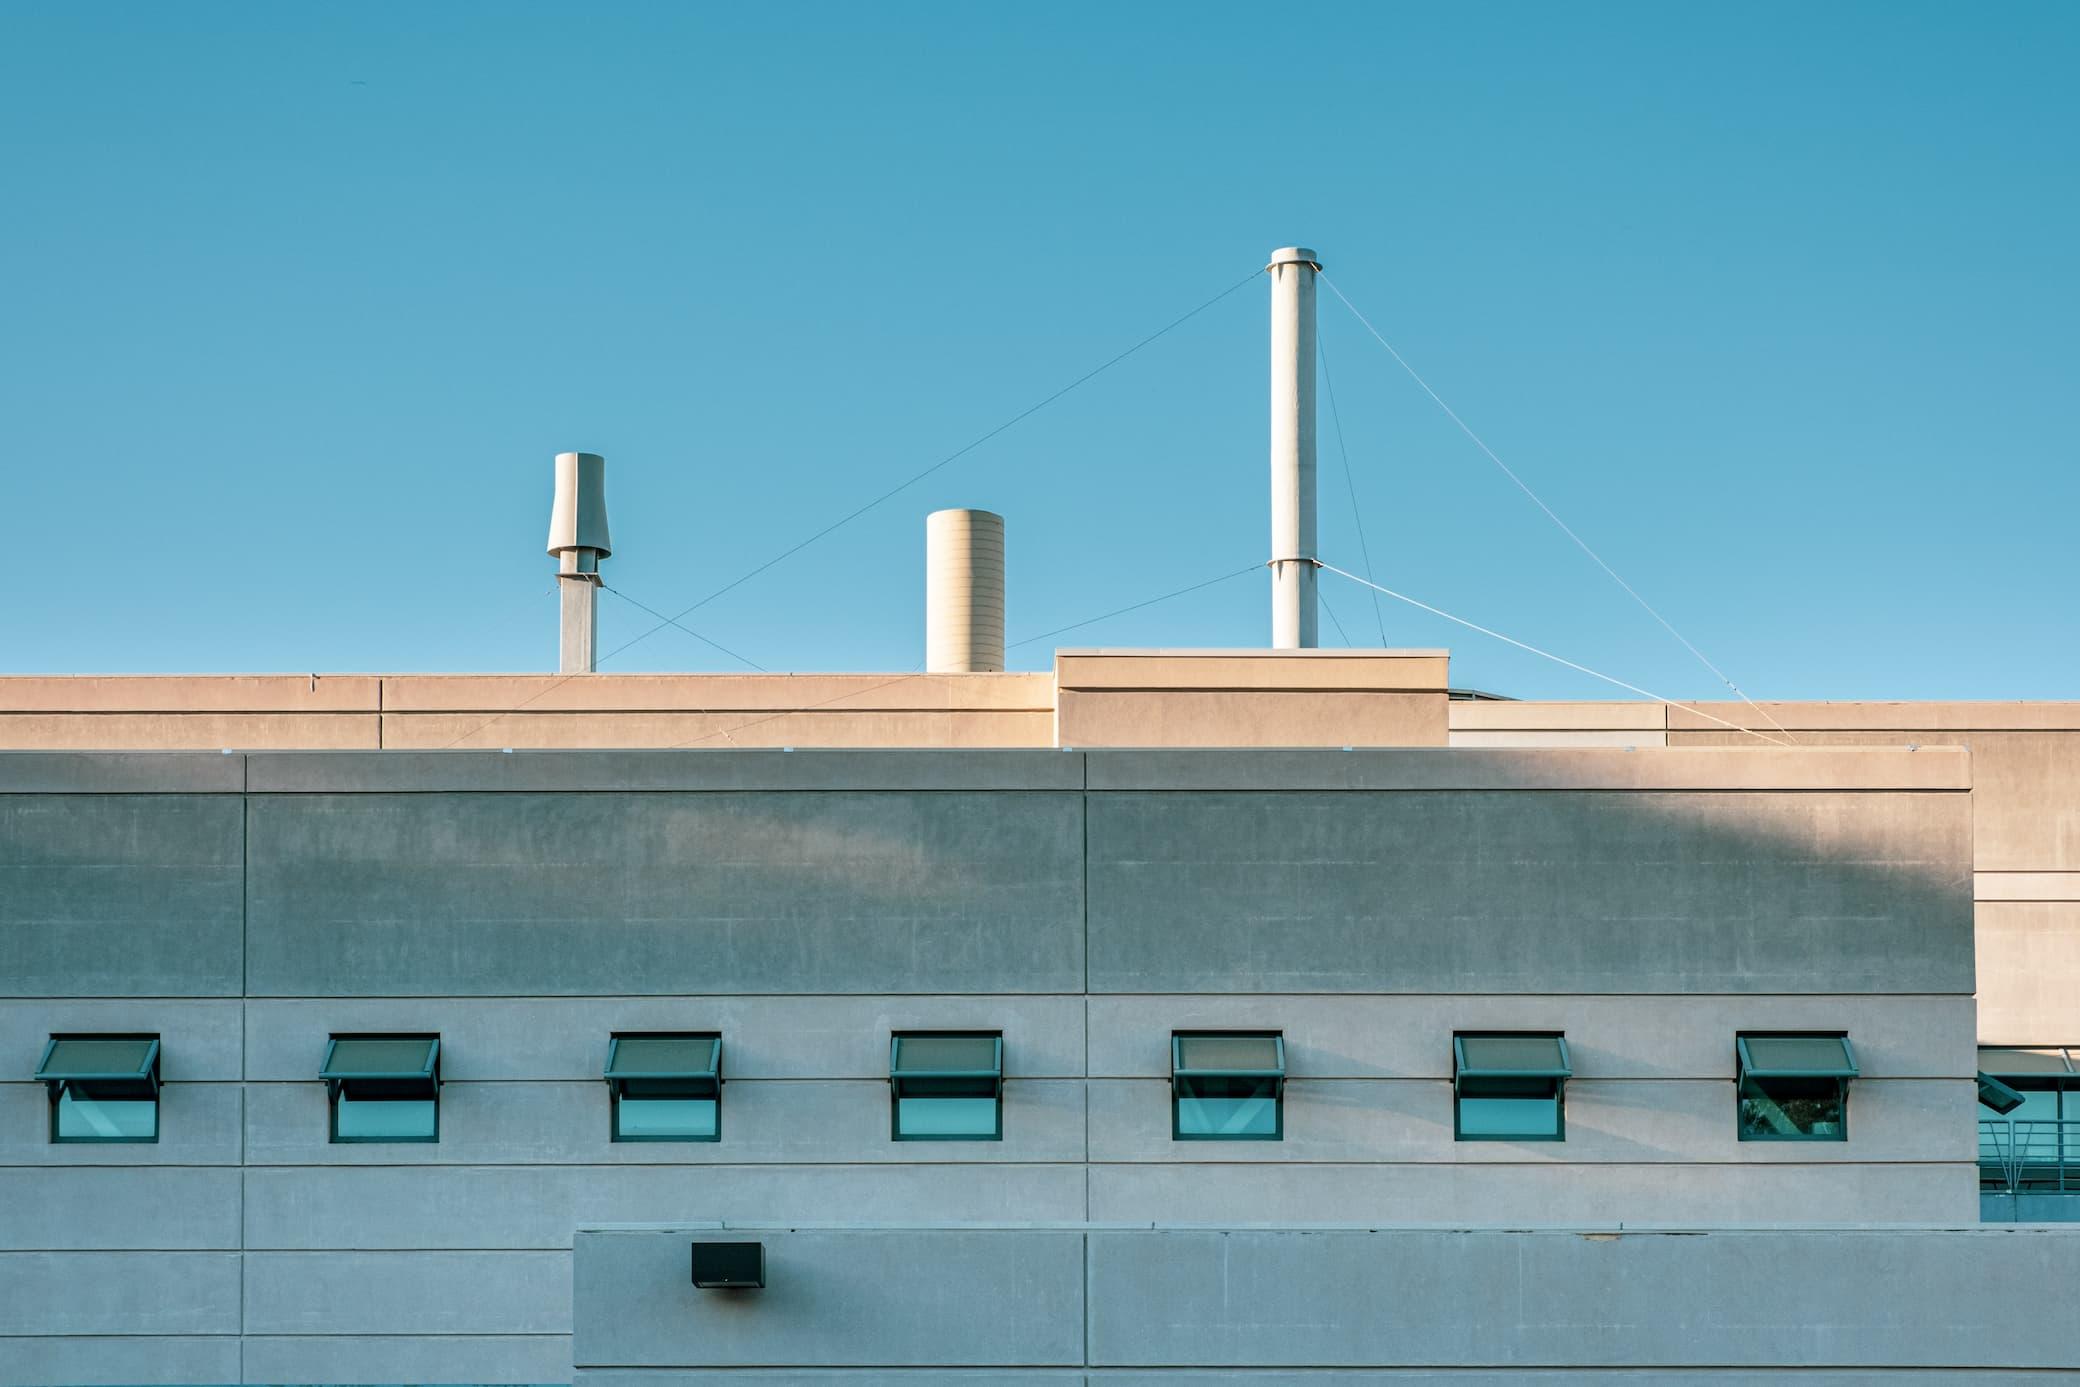 Tình hình Covid ở Canada: Giảm thiểu lây lan nhờ cải thiện hệ thống thông gió